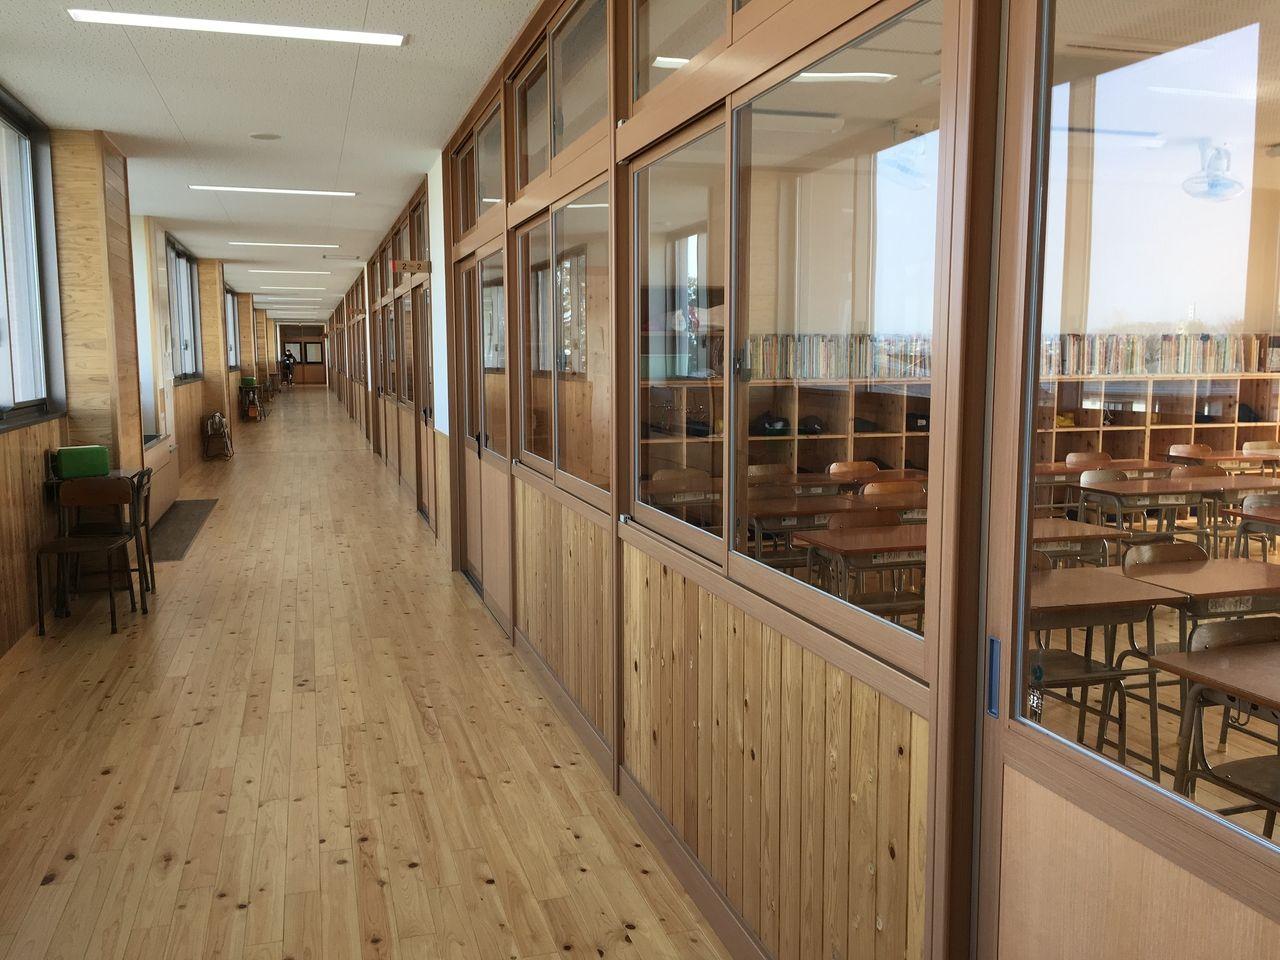 木が貼られて落ち着いた雰囲気の教室と廊下